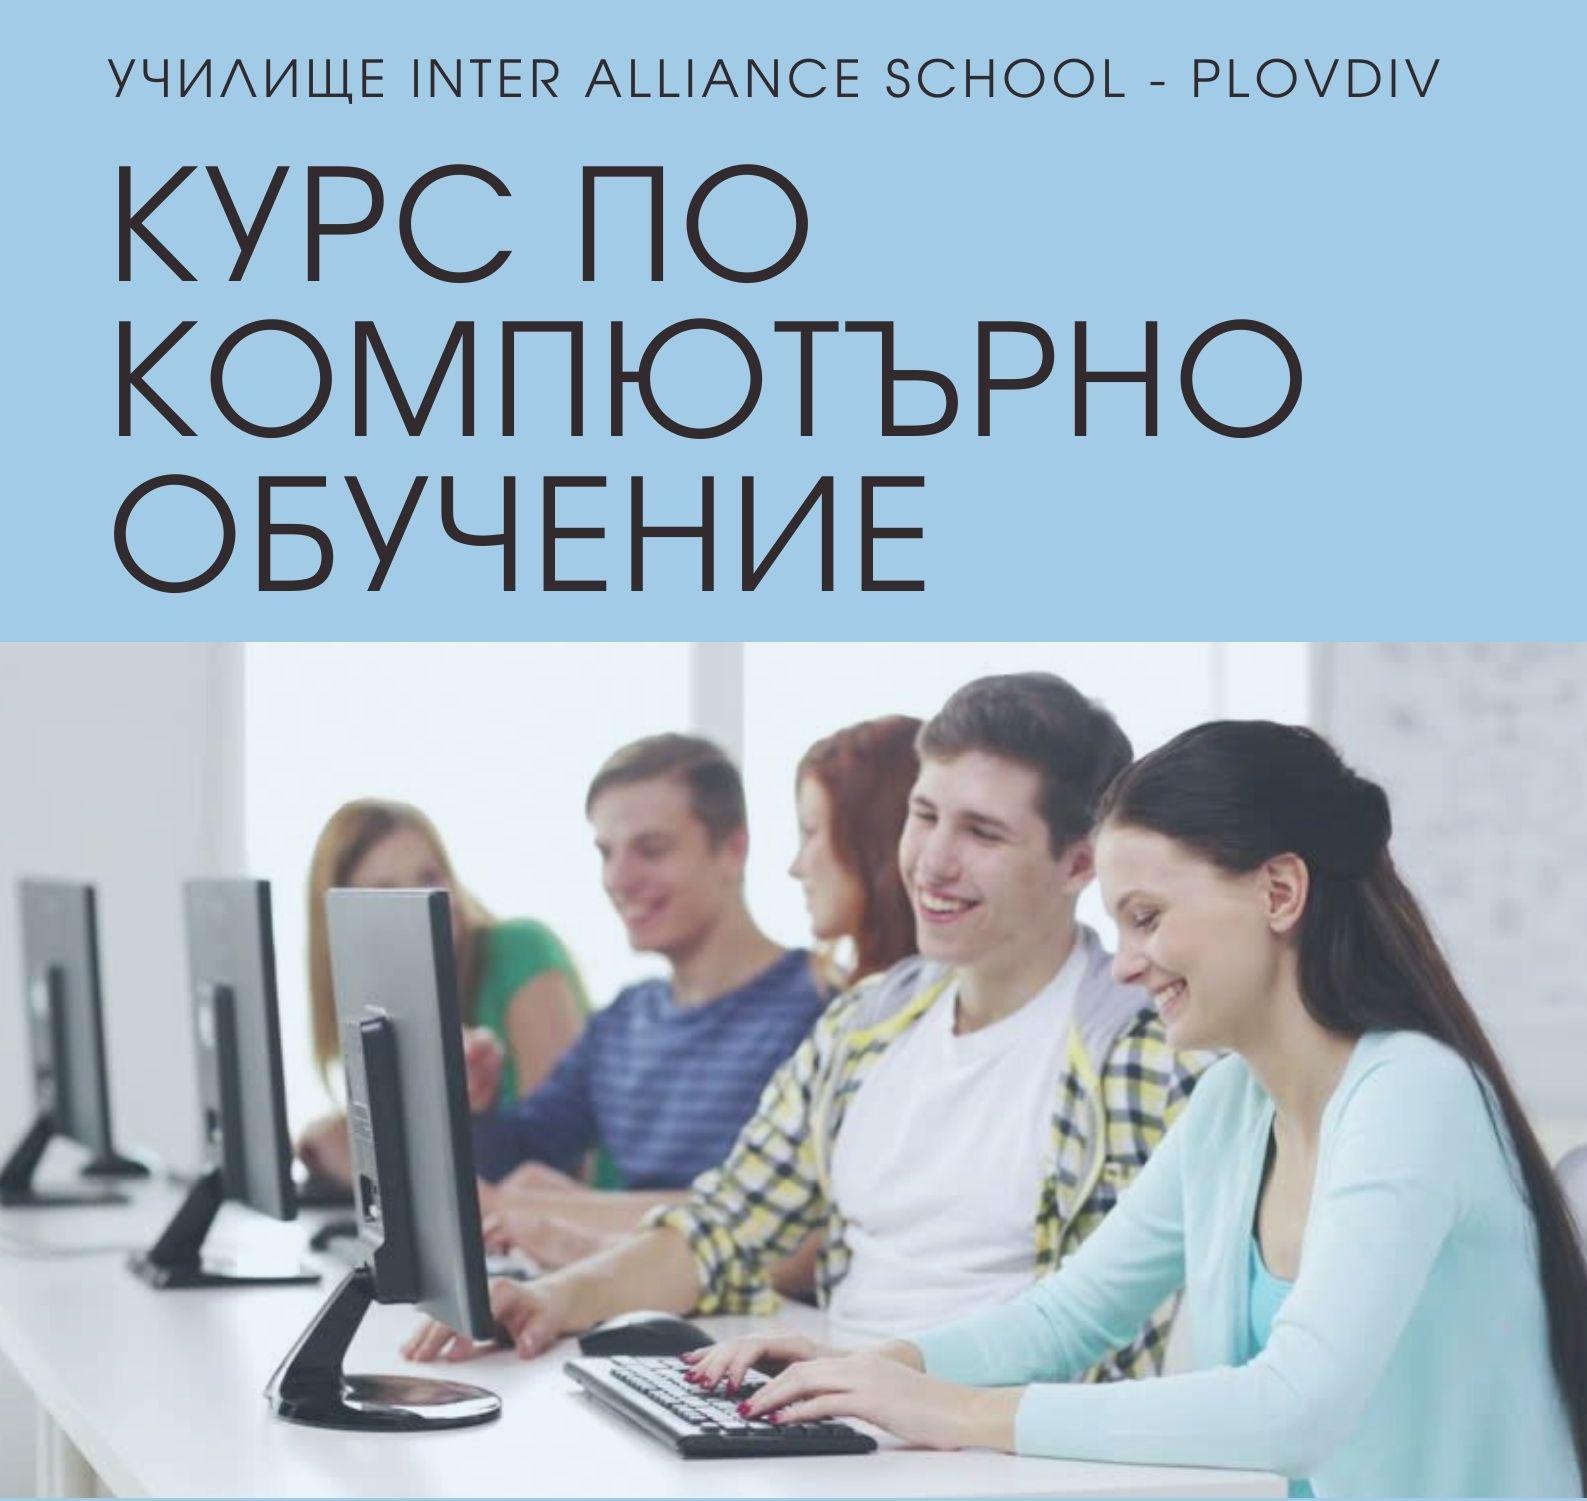 Курс по Компютърна Грамотност от 1-во до 3-то Ниво от INTER ALLIANCE